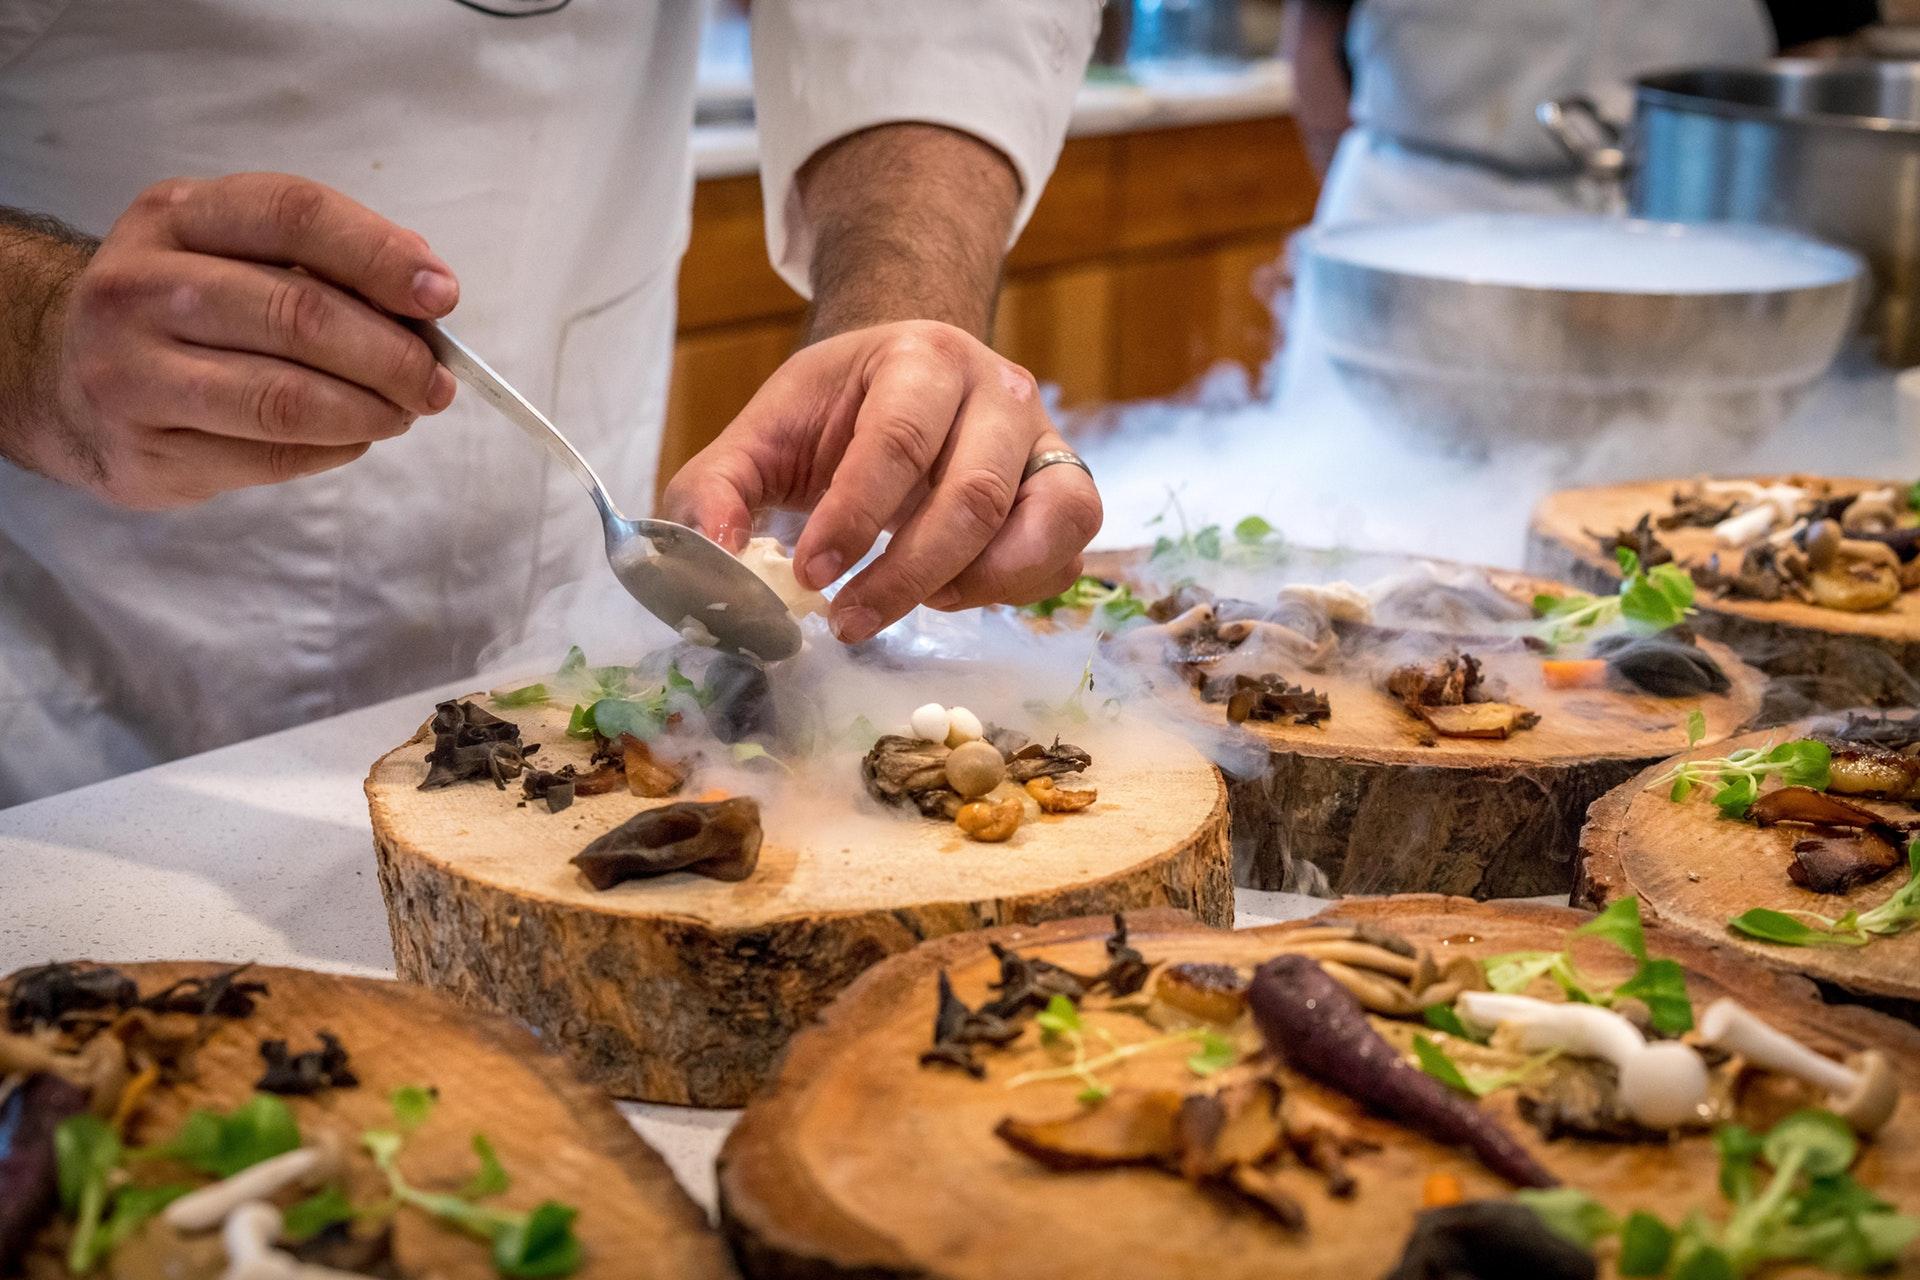 La innovación culinaria se extiende a la experiencia del cliente